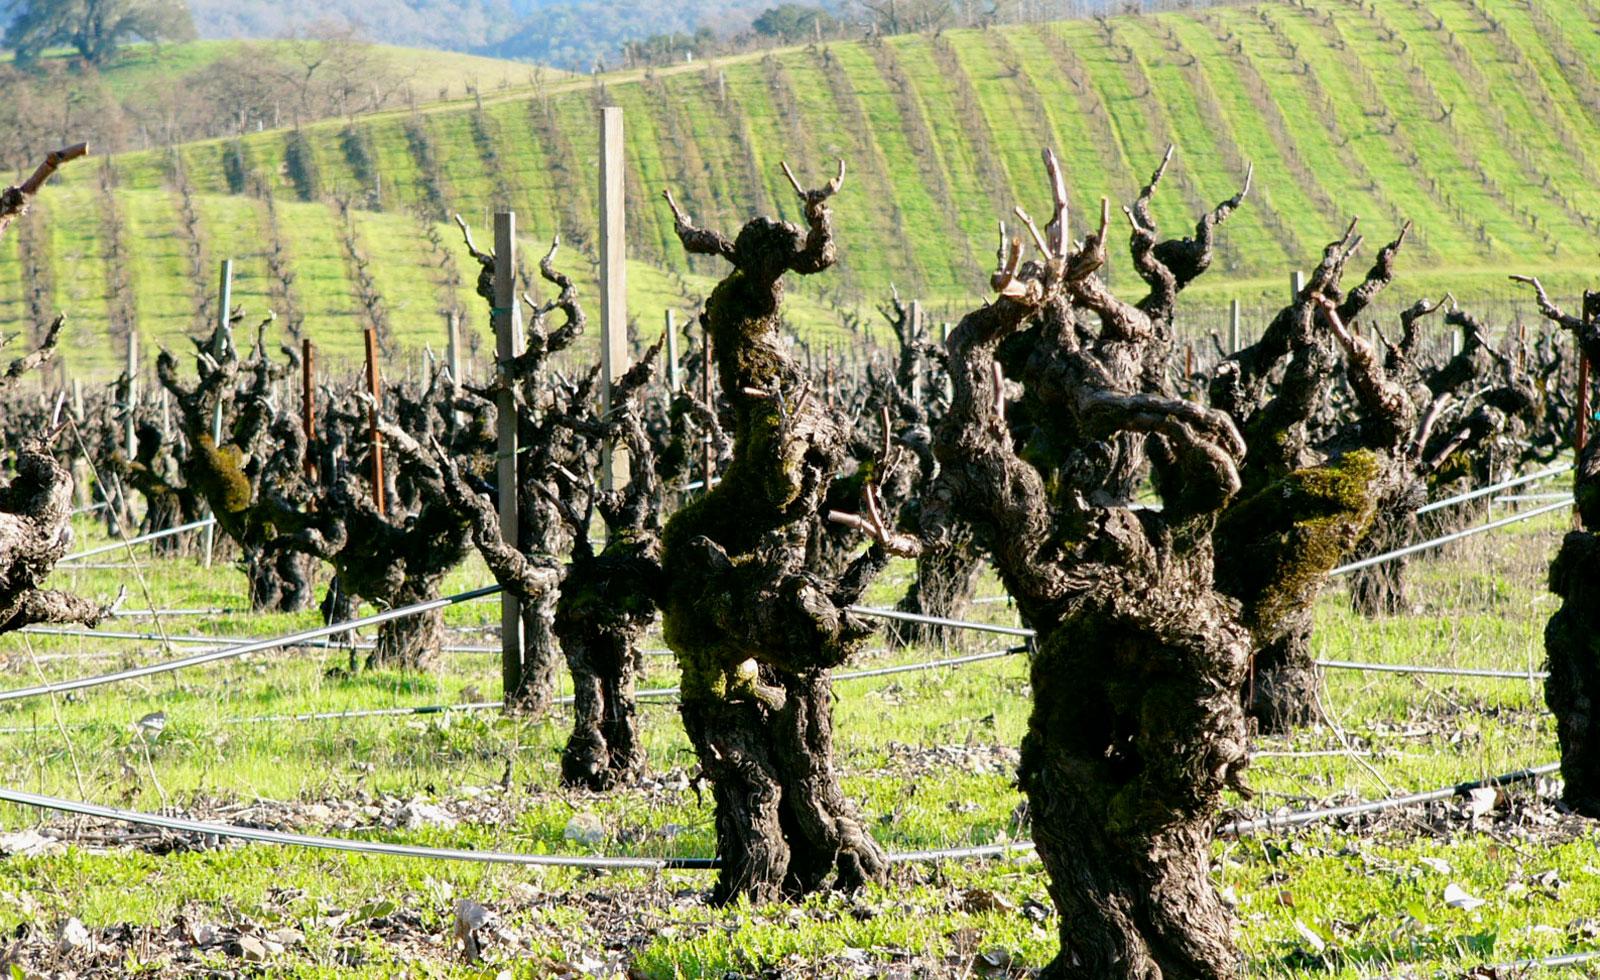 【カリフォルニアワイン初歩の初歩】ジンファンデルは「ワインのコーラ」